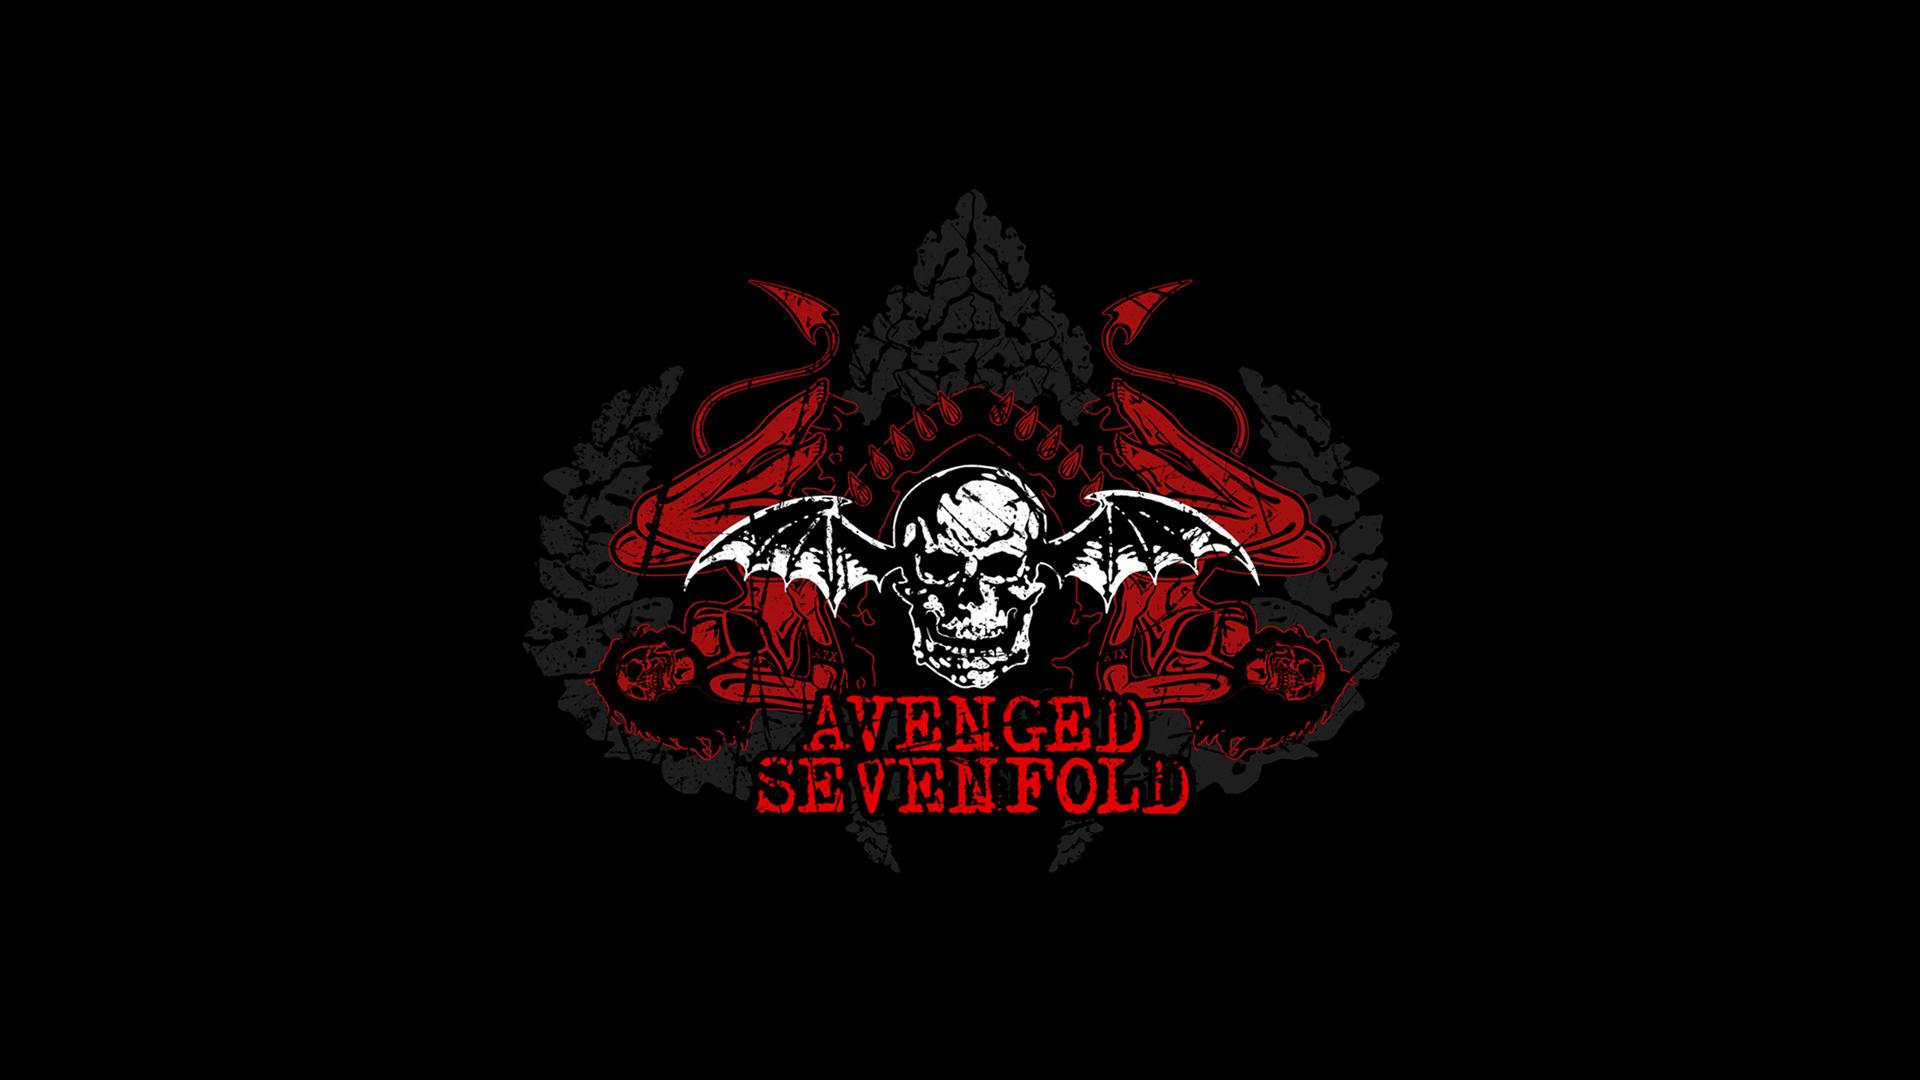 Music Avenged Sevenfold Dark Skull Wallpaper 1920x1080 197190